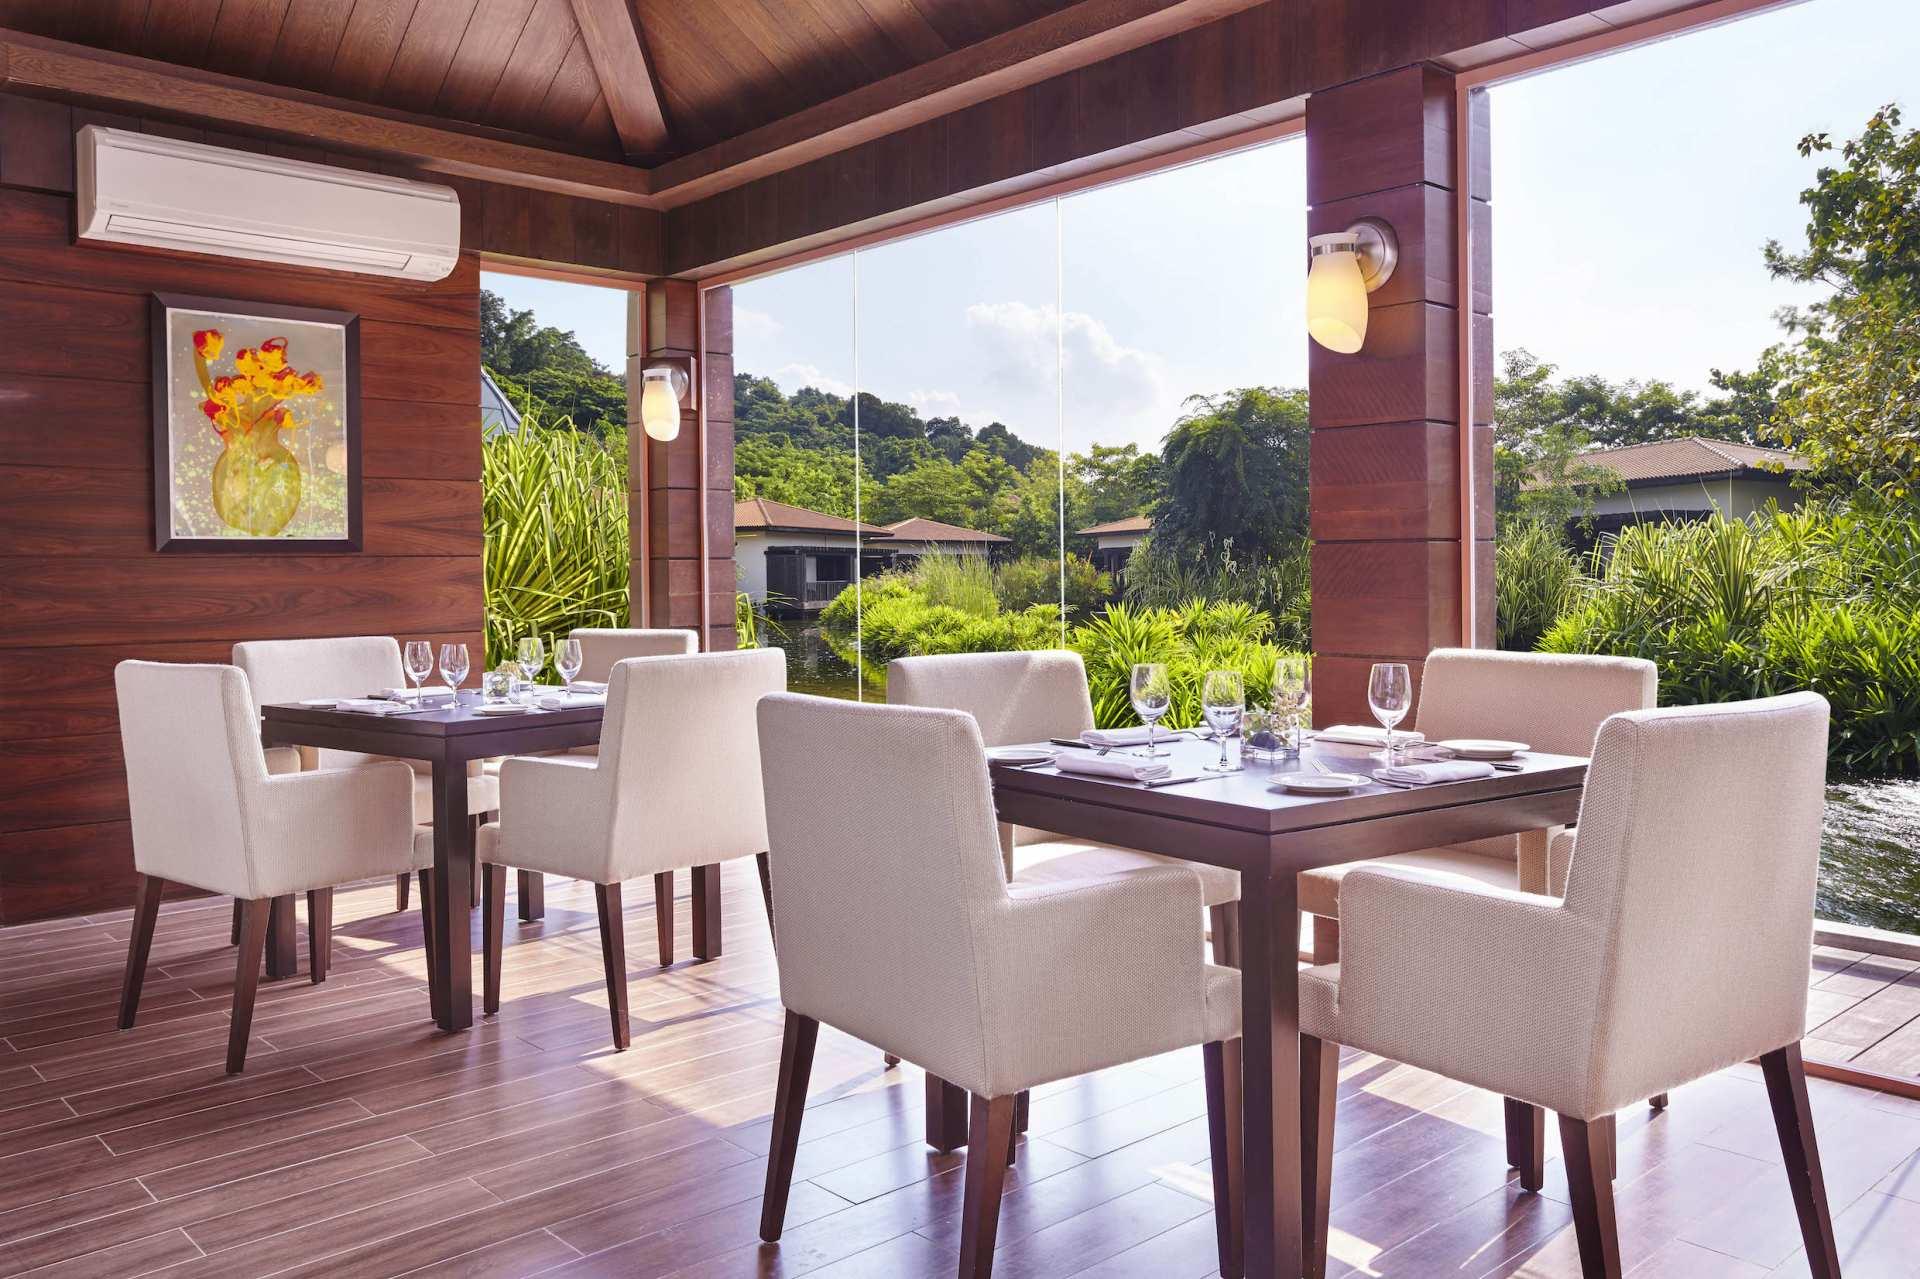 【新加坡名廚頂級餐廳】聖淘沙 Tangerine 天滋林水療餐廳